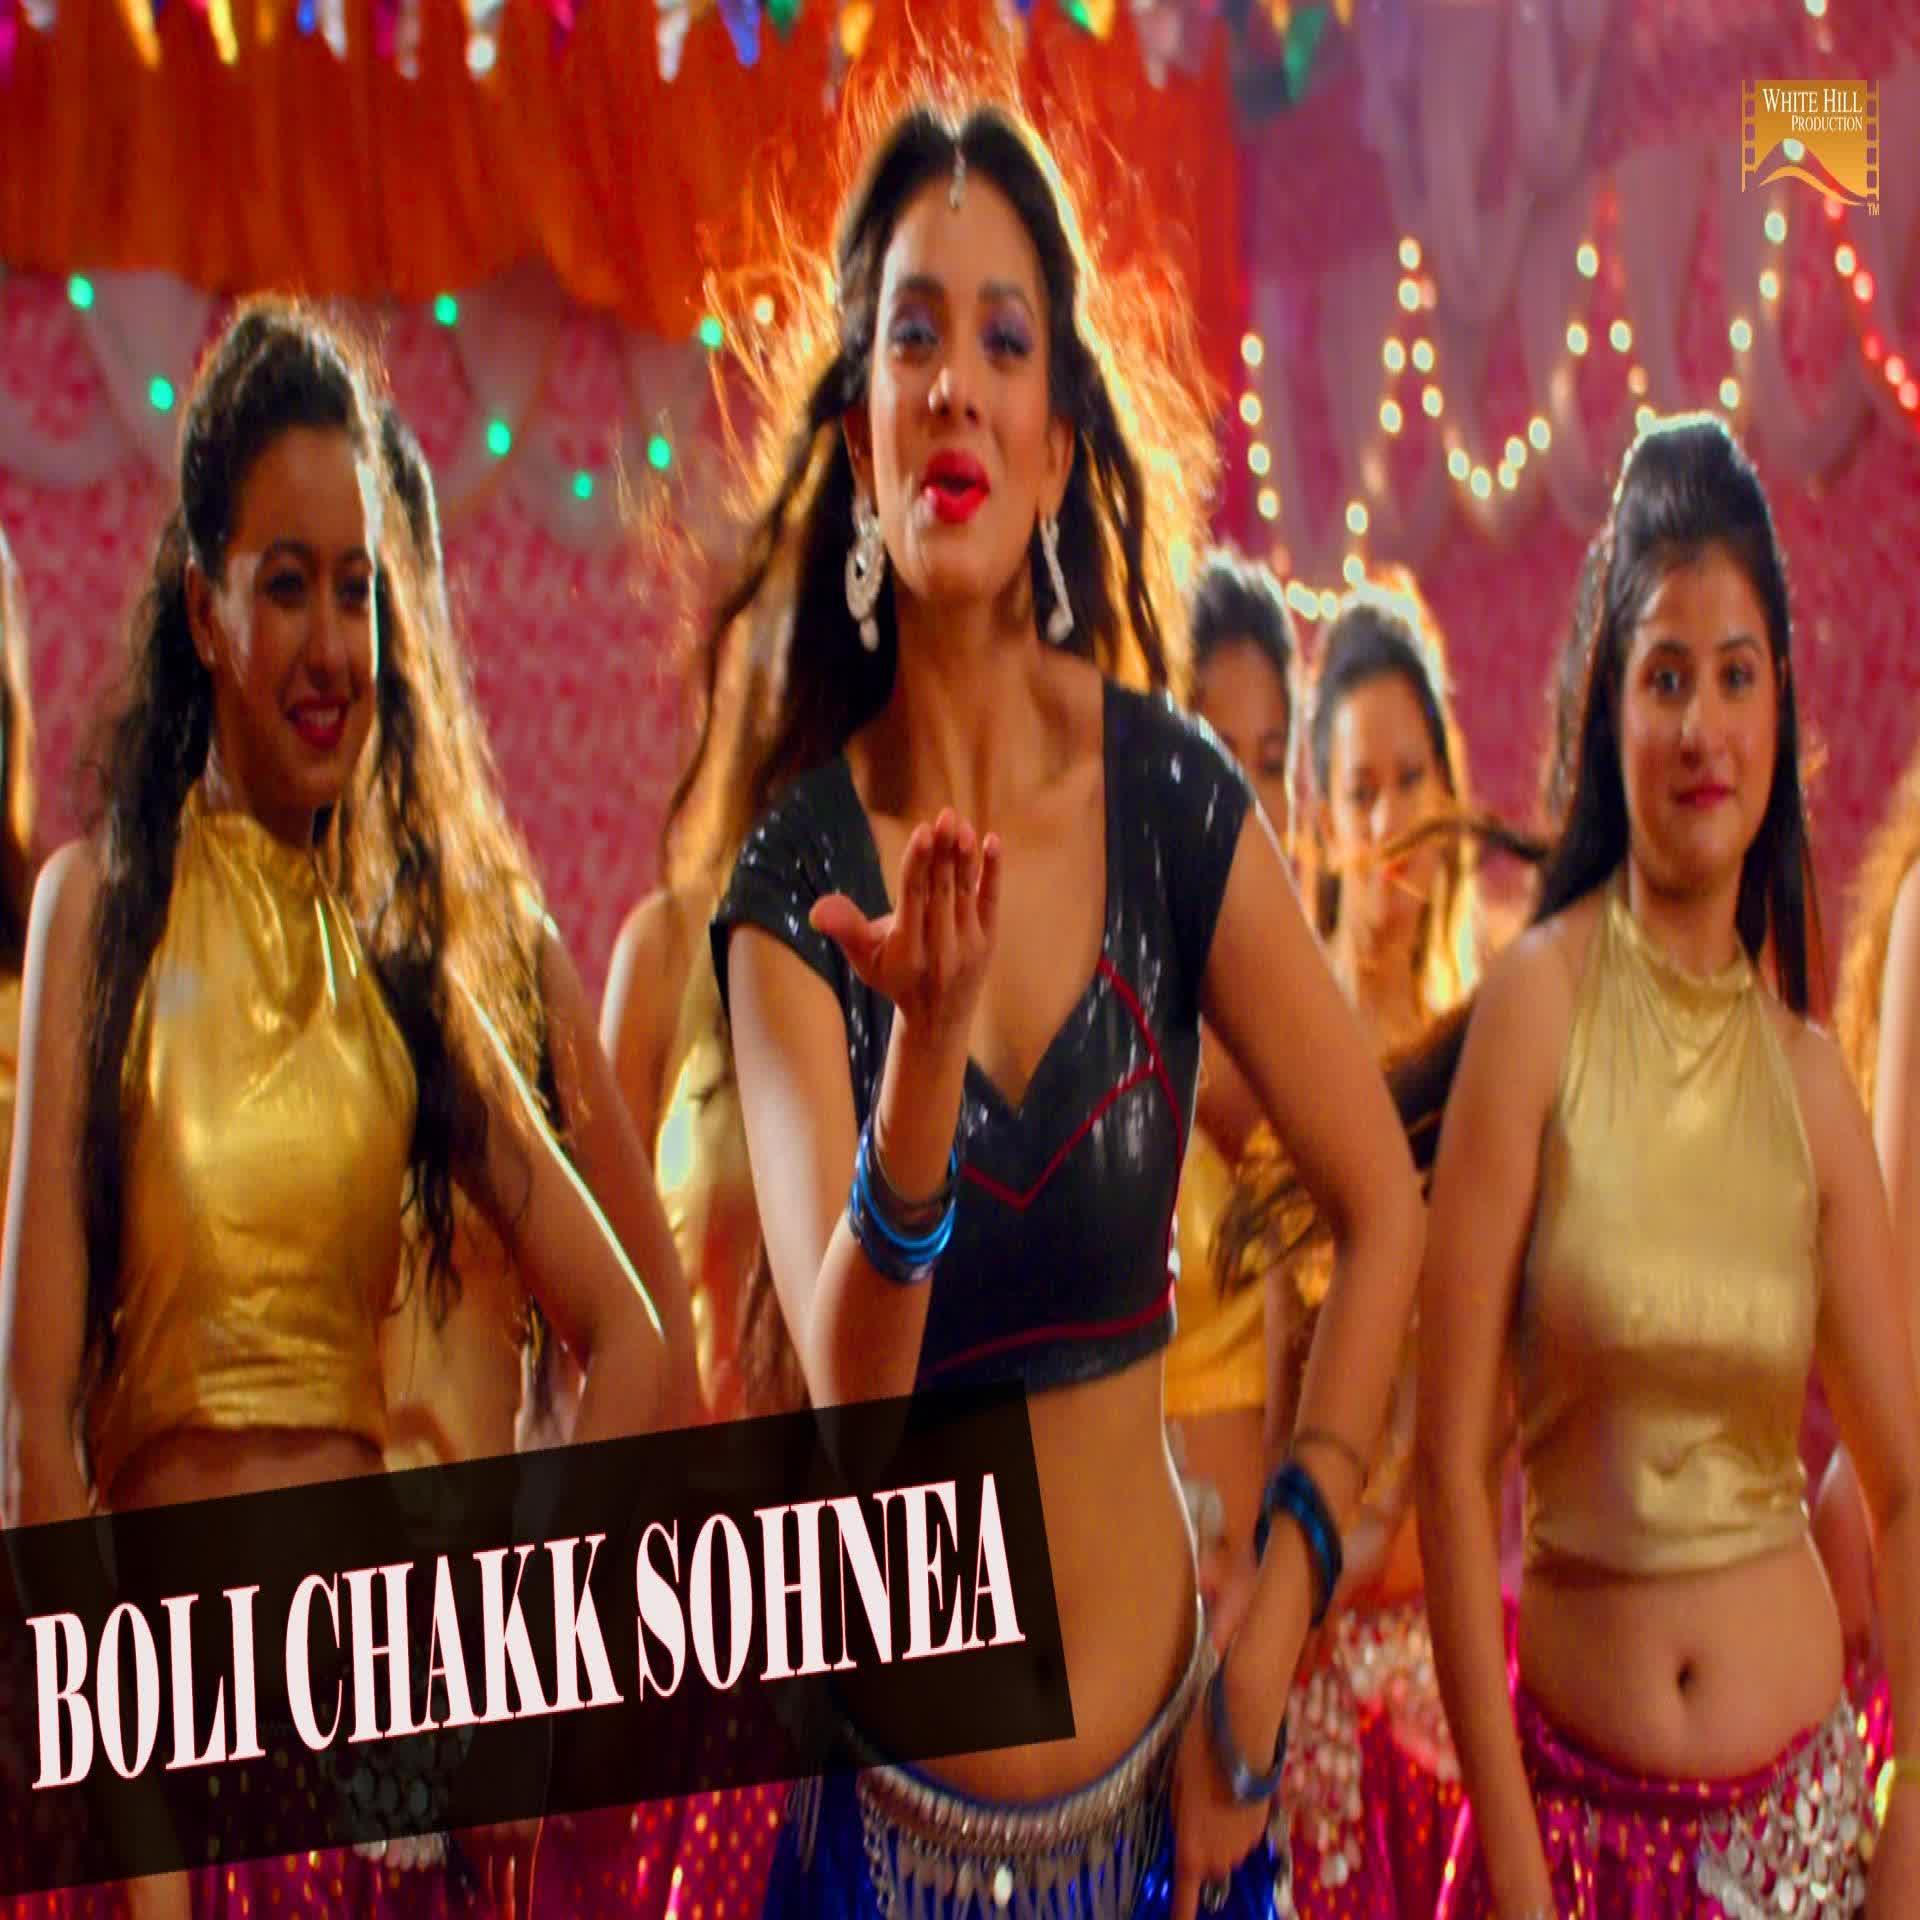 Boli Chakk Sohnea Miss Pooja